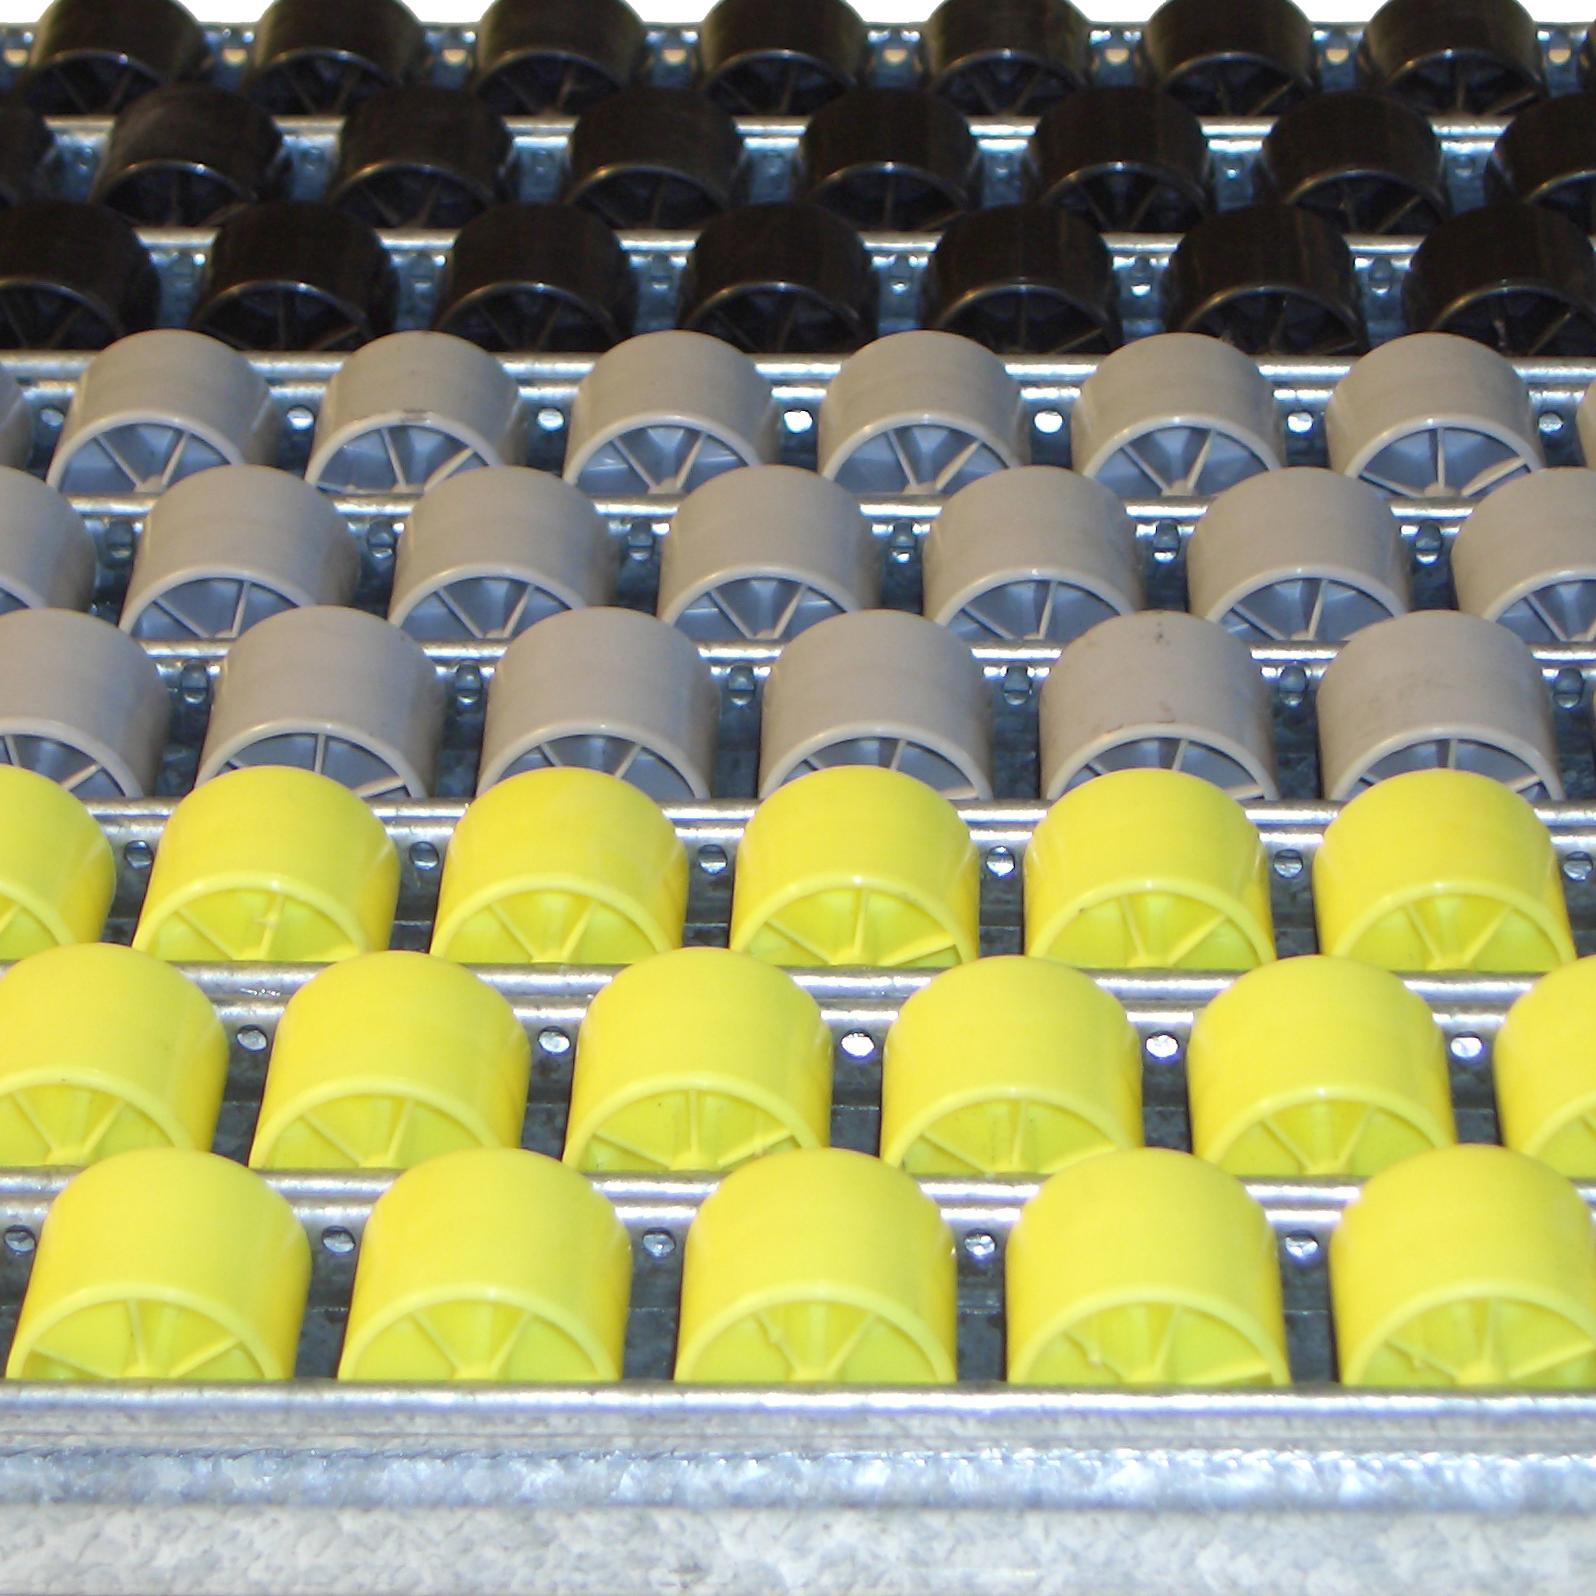 Rail en U galvanisé équipé de galets de manutention acier ou pvc de diamètre 28mm